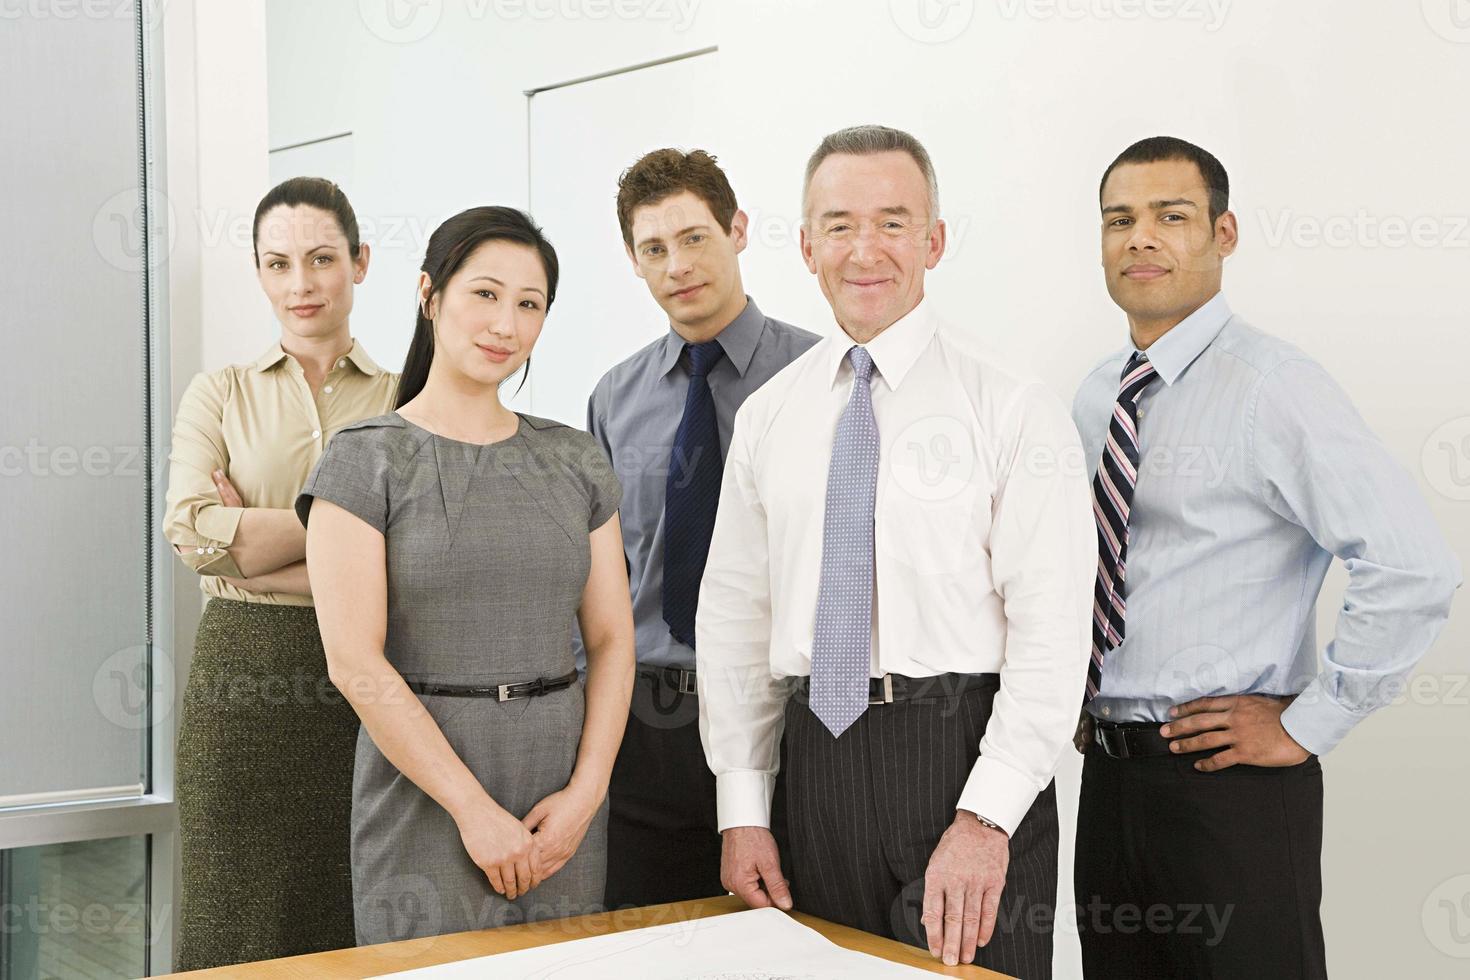 cinq collègues de travail photo